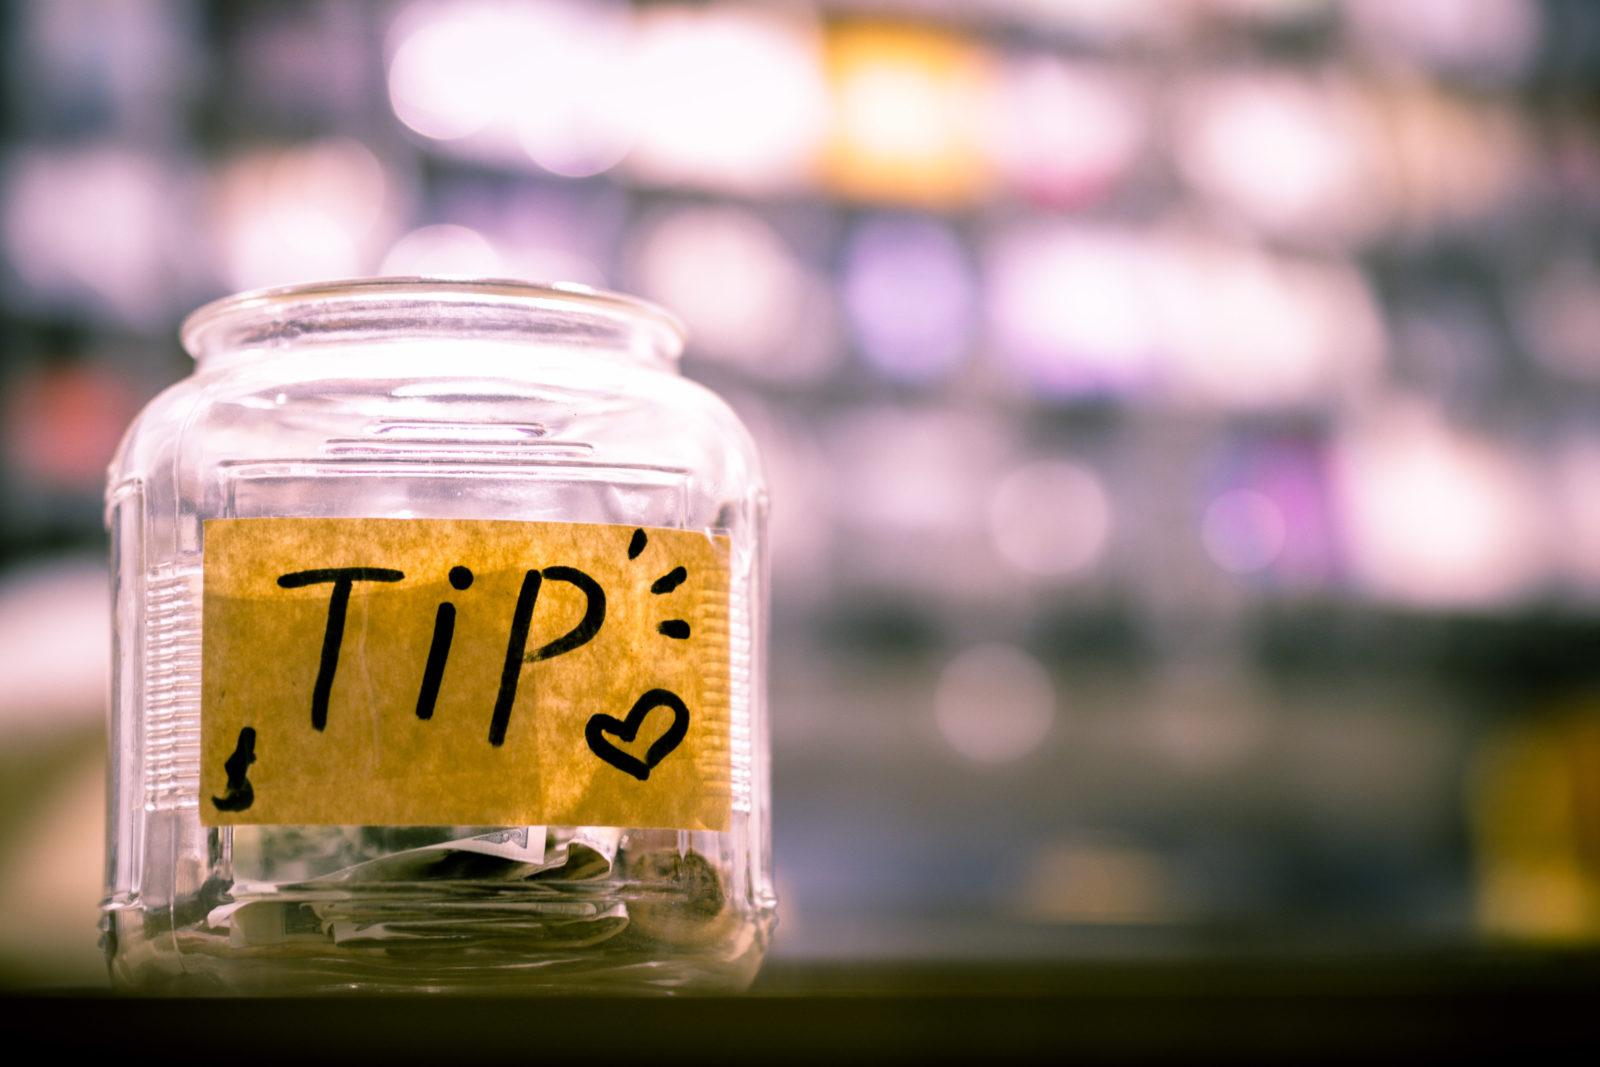 バスキング(路上ライブ)をやる目的は?チップは課税?まずは目標を設定しましょう!